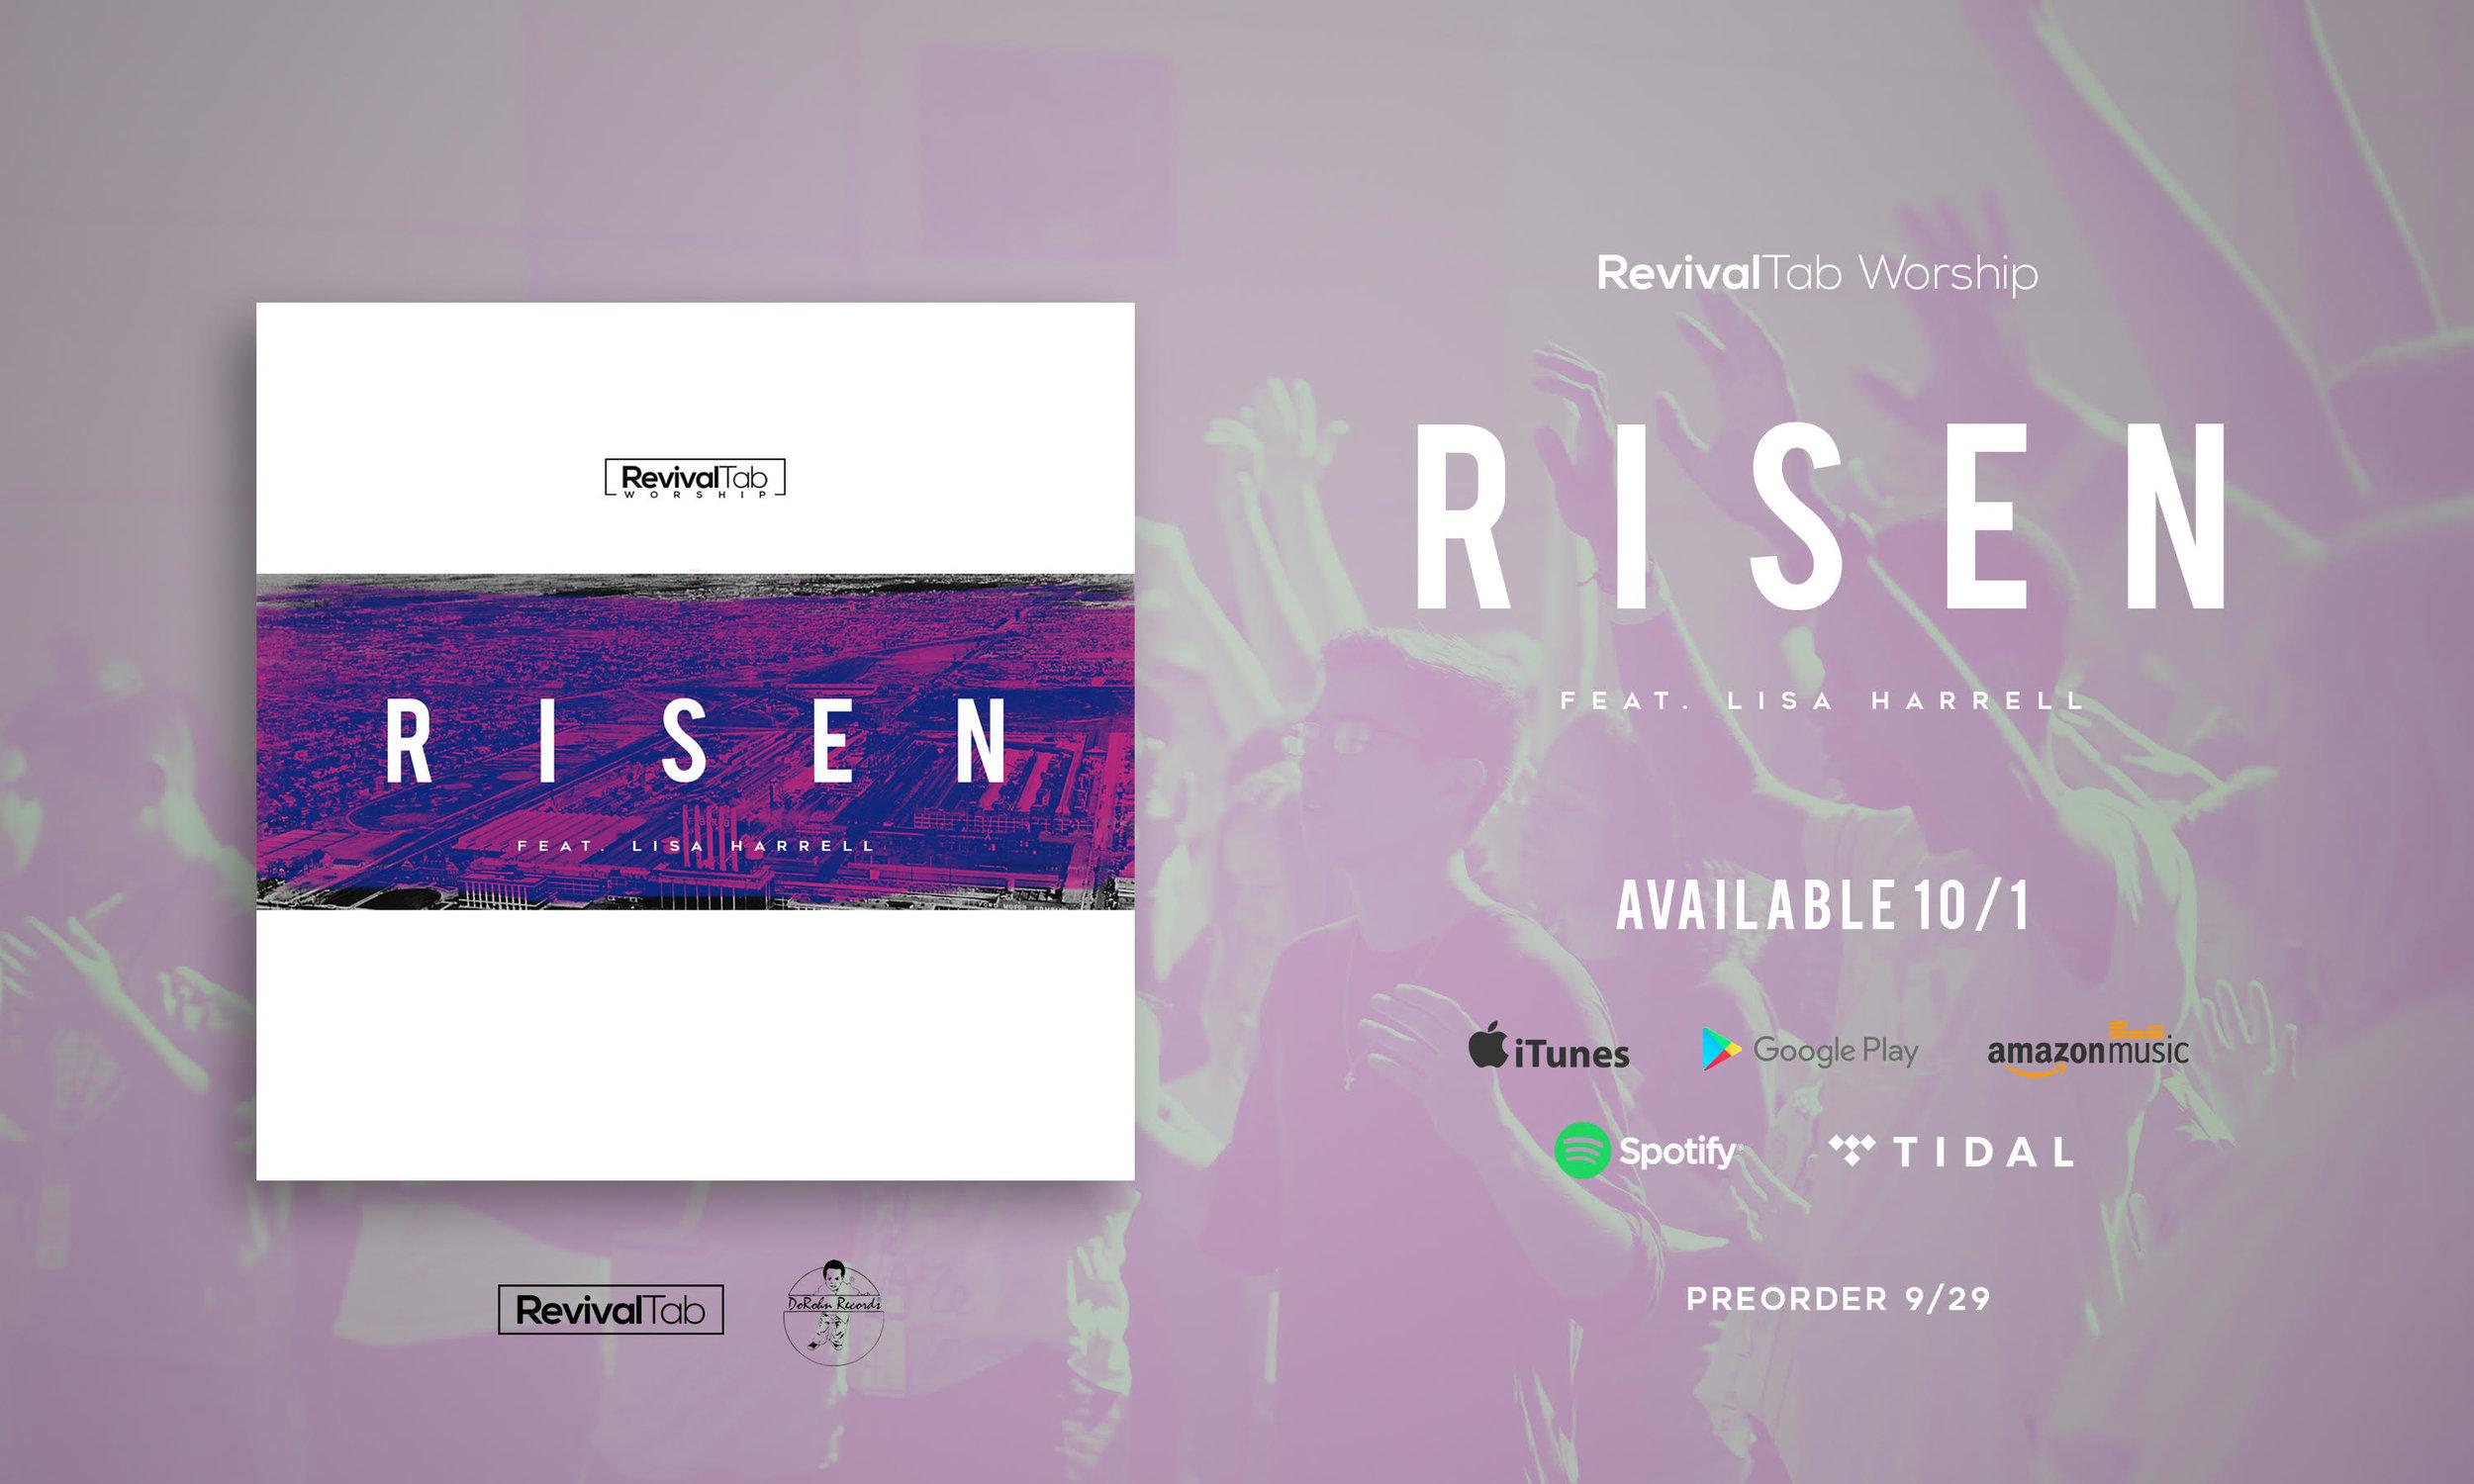 RISEN-promo.jpg